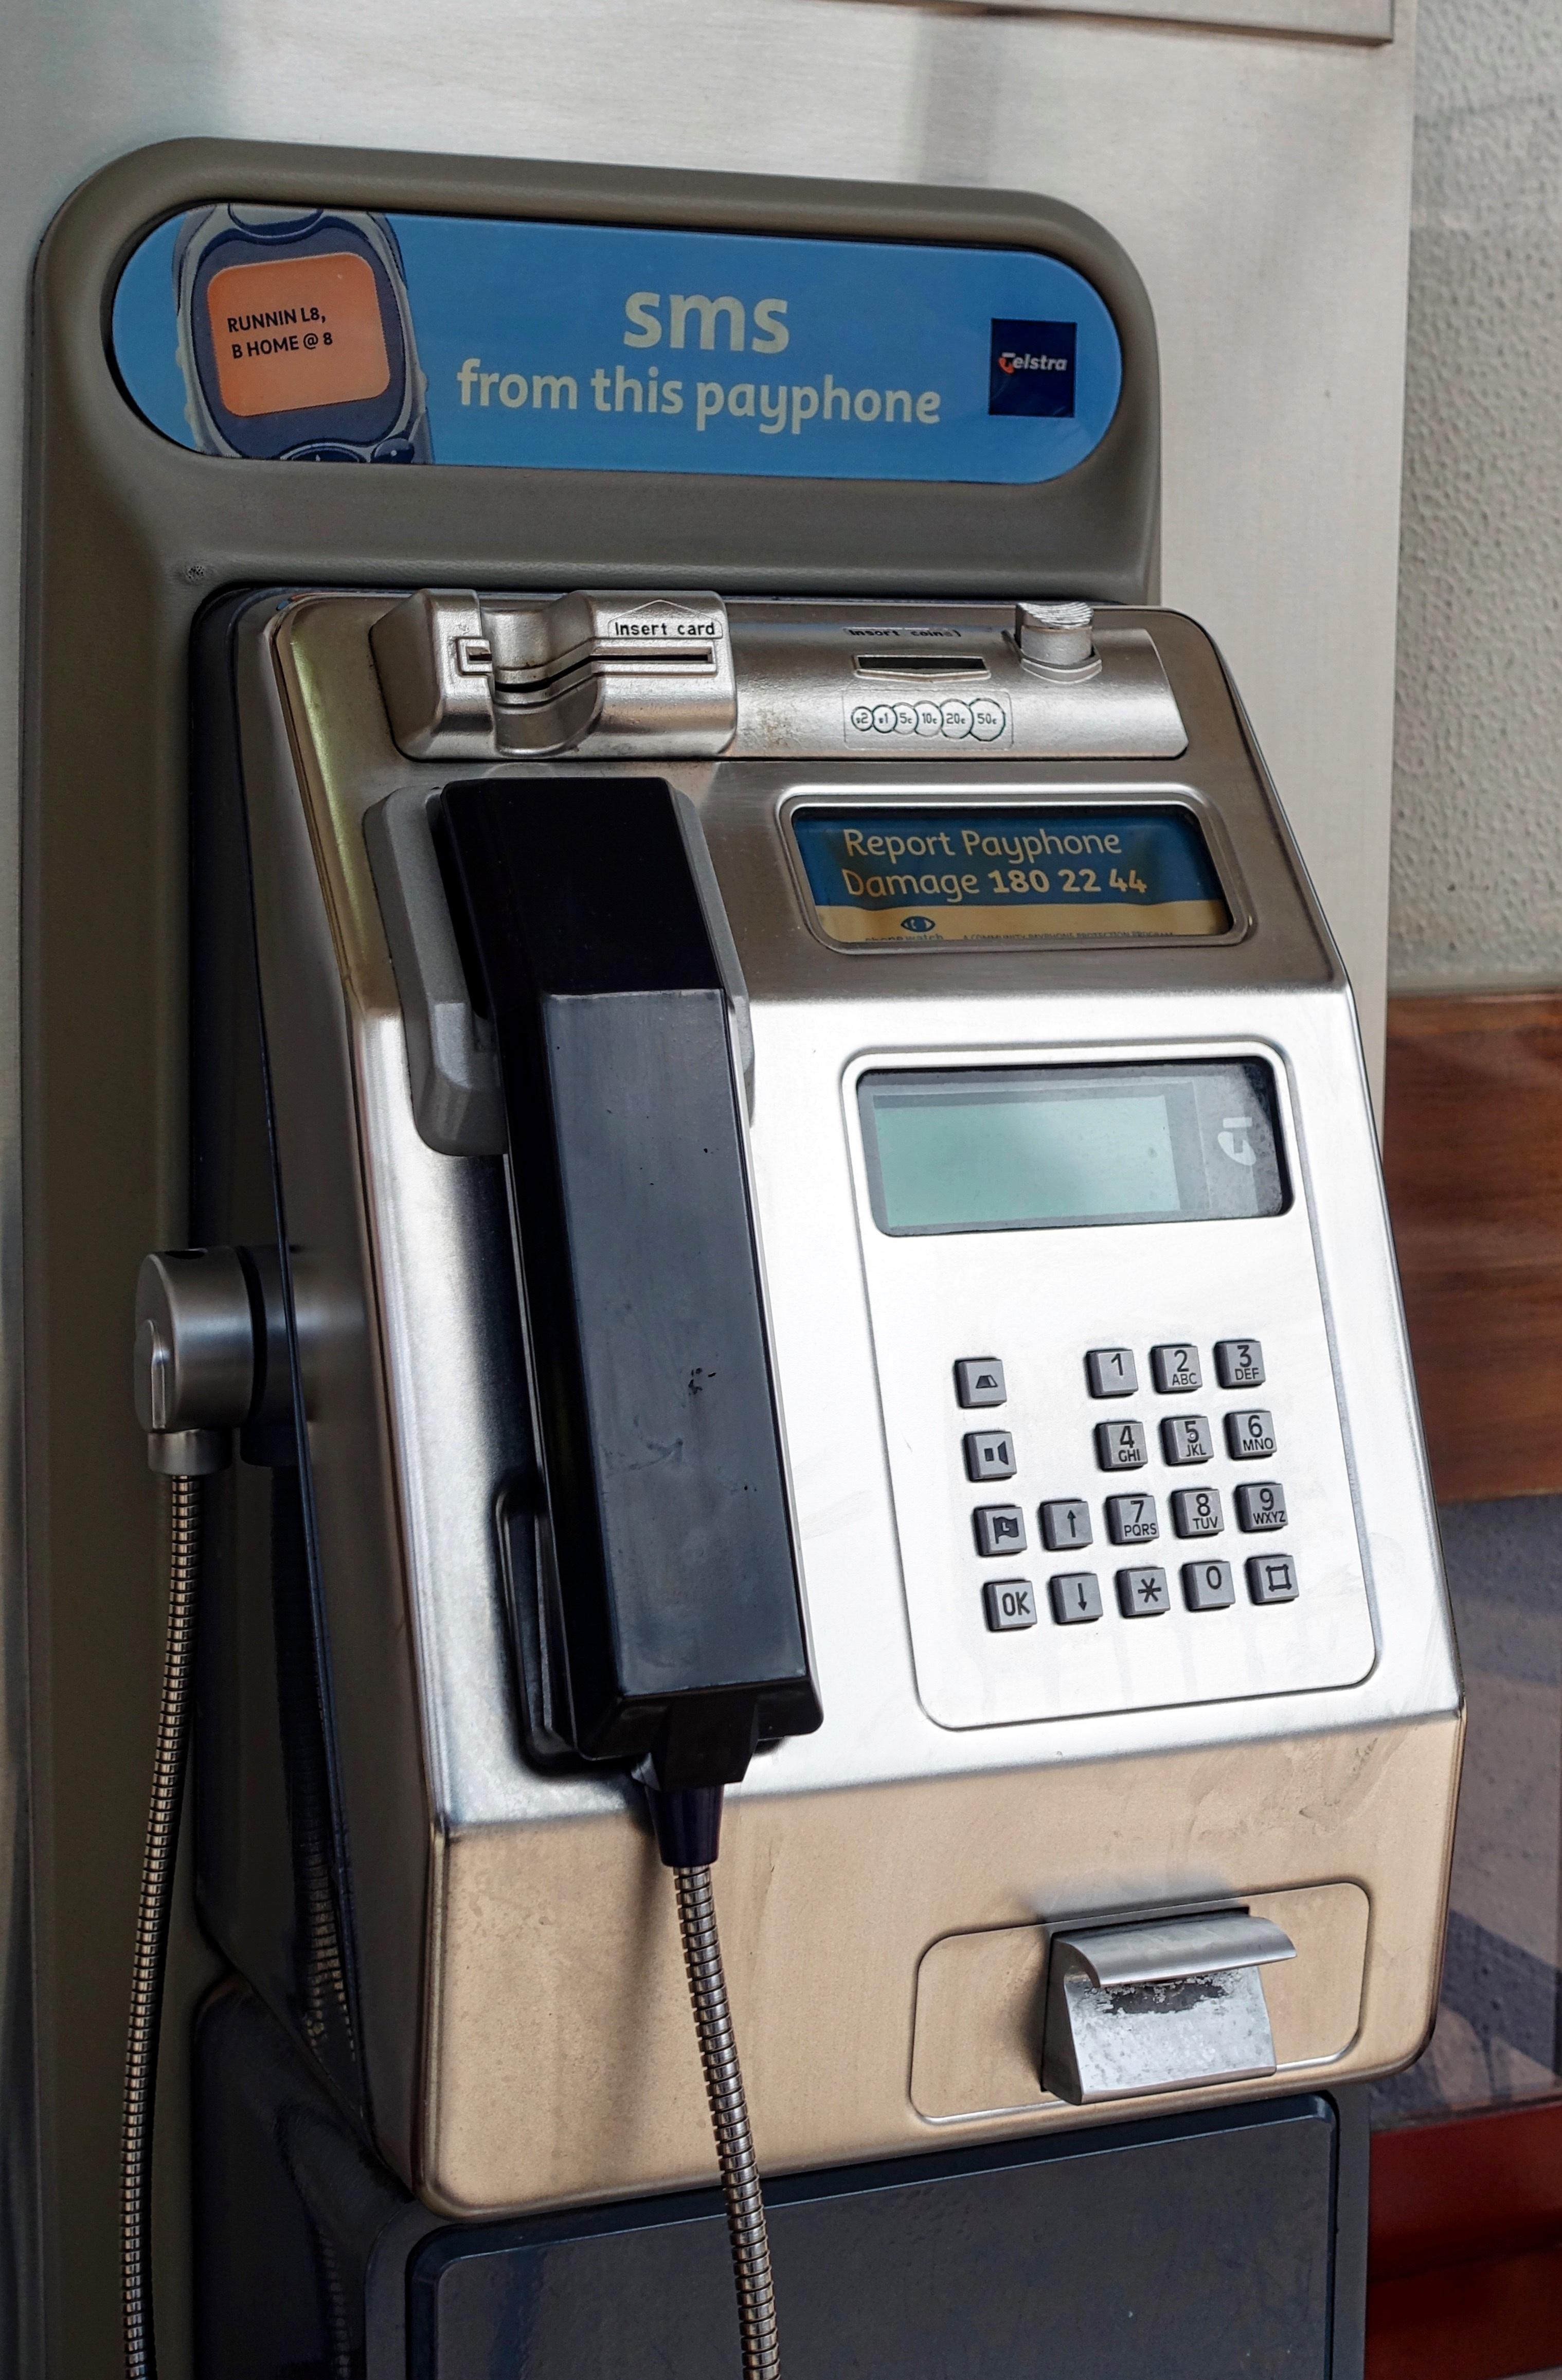 Free Images : phone, money, telephone, machine, cash, communications